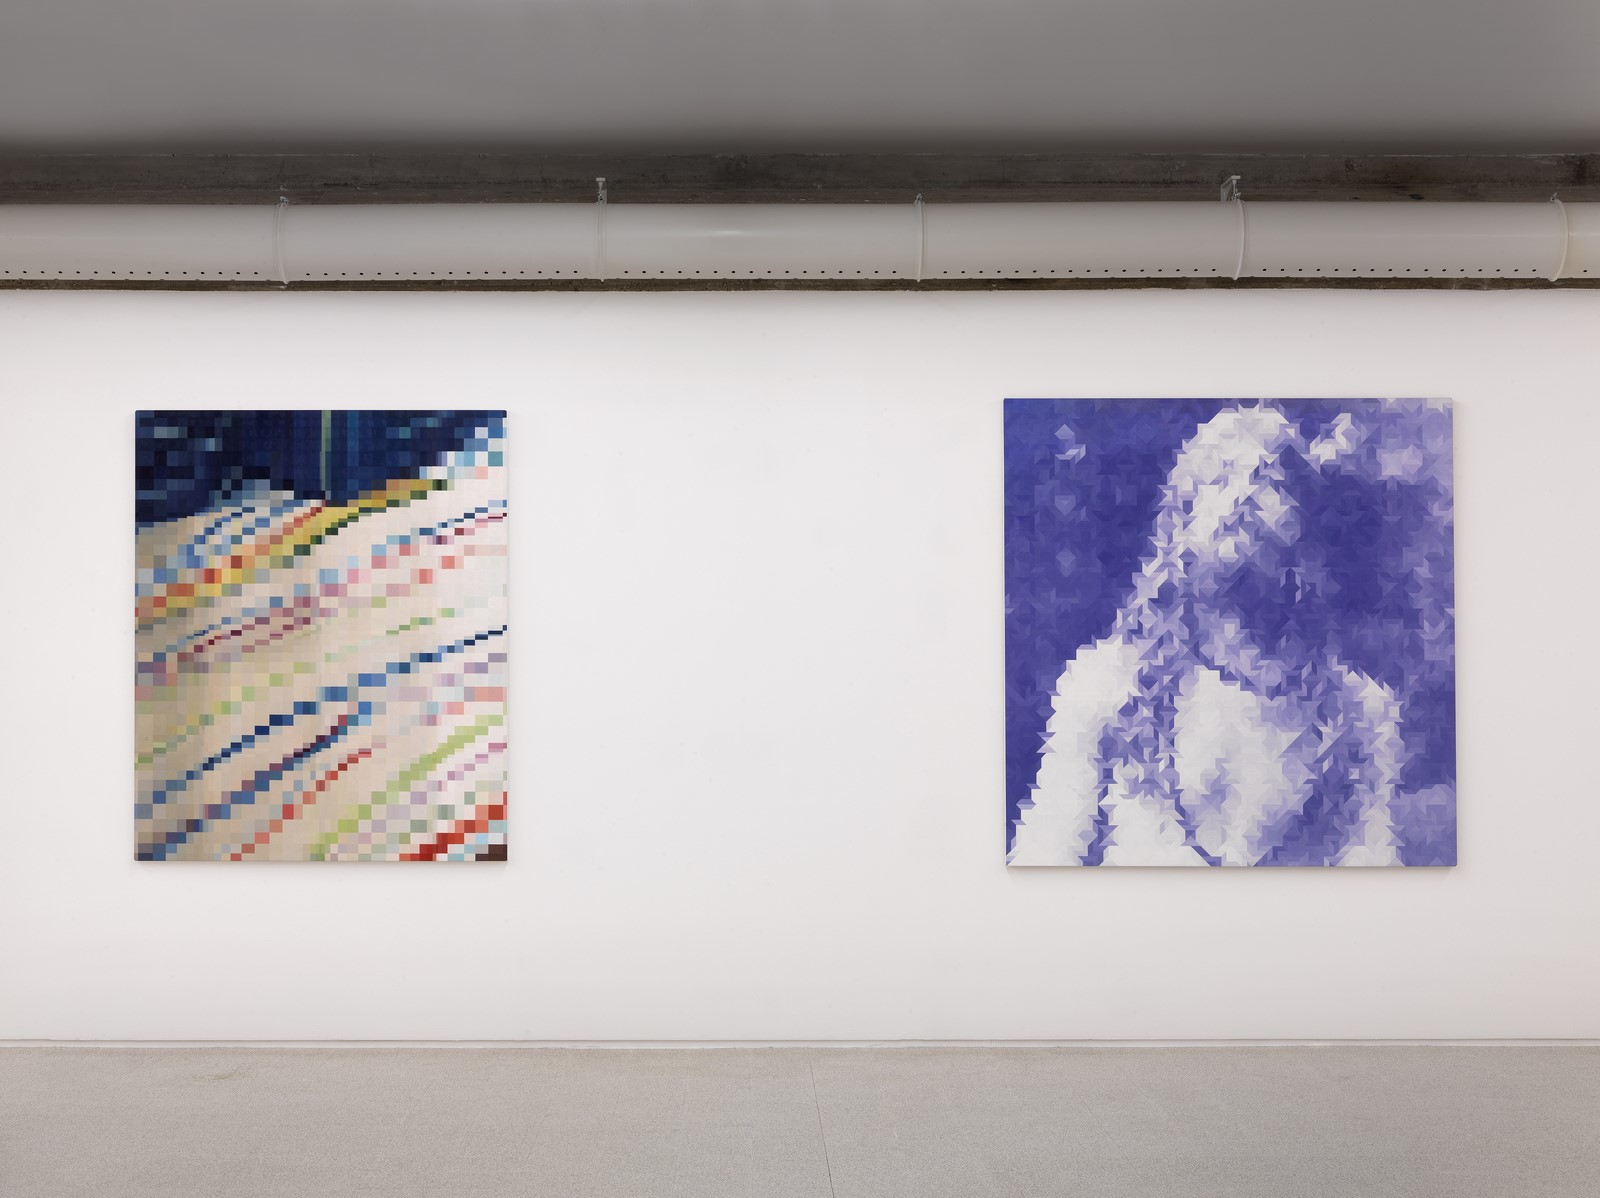 Geometria figurativa, veduta di mostra, Collezione Maramotti, Reggio Emilia, Ph. C. Dario Lasagni